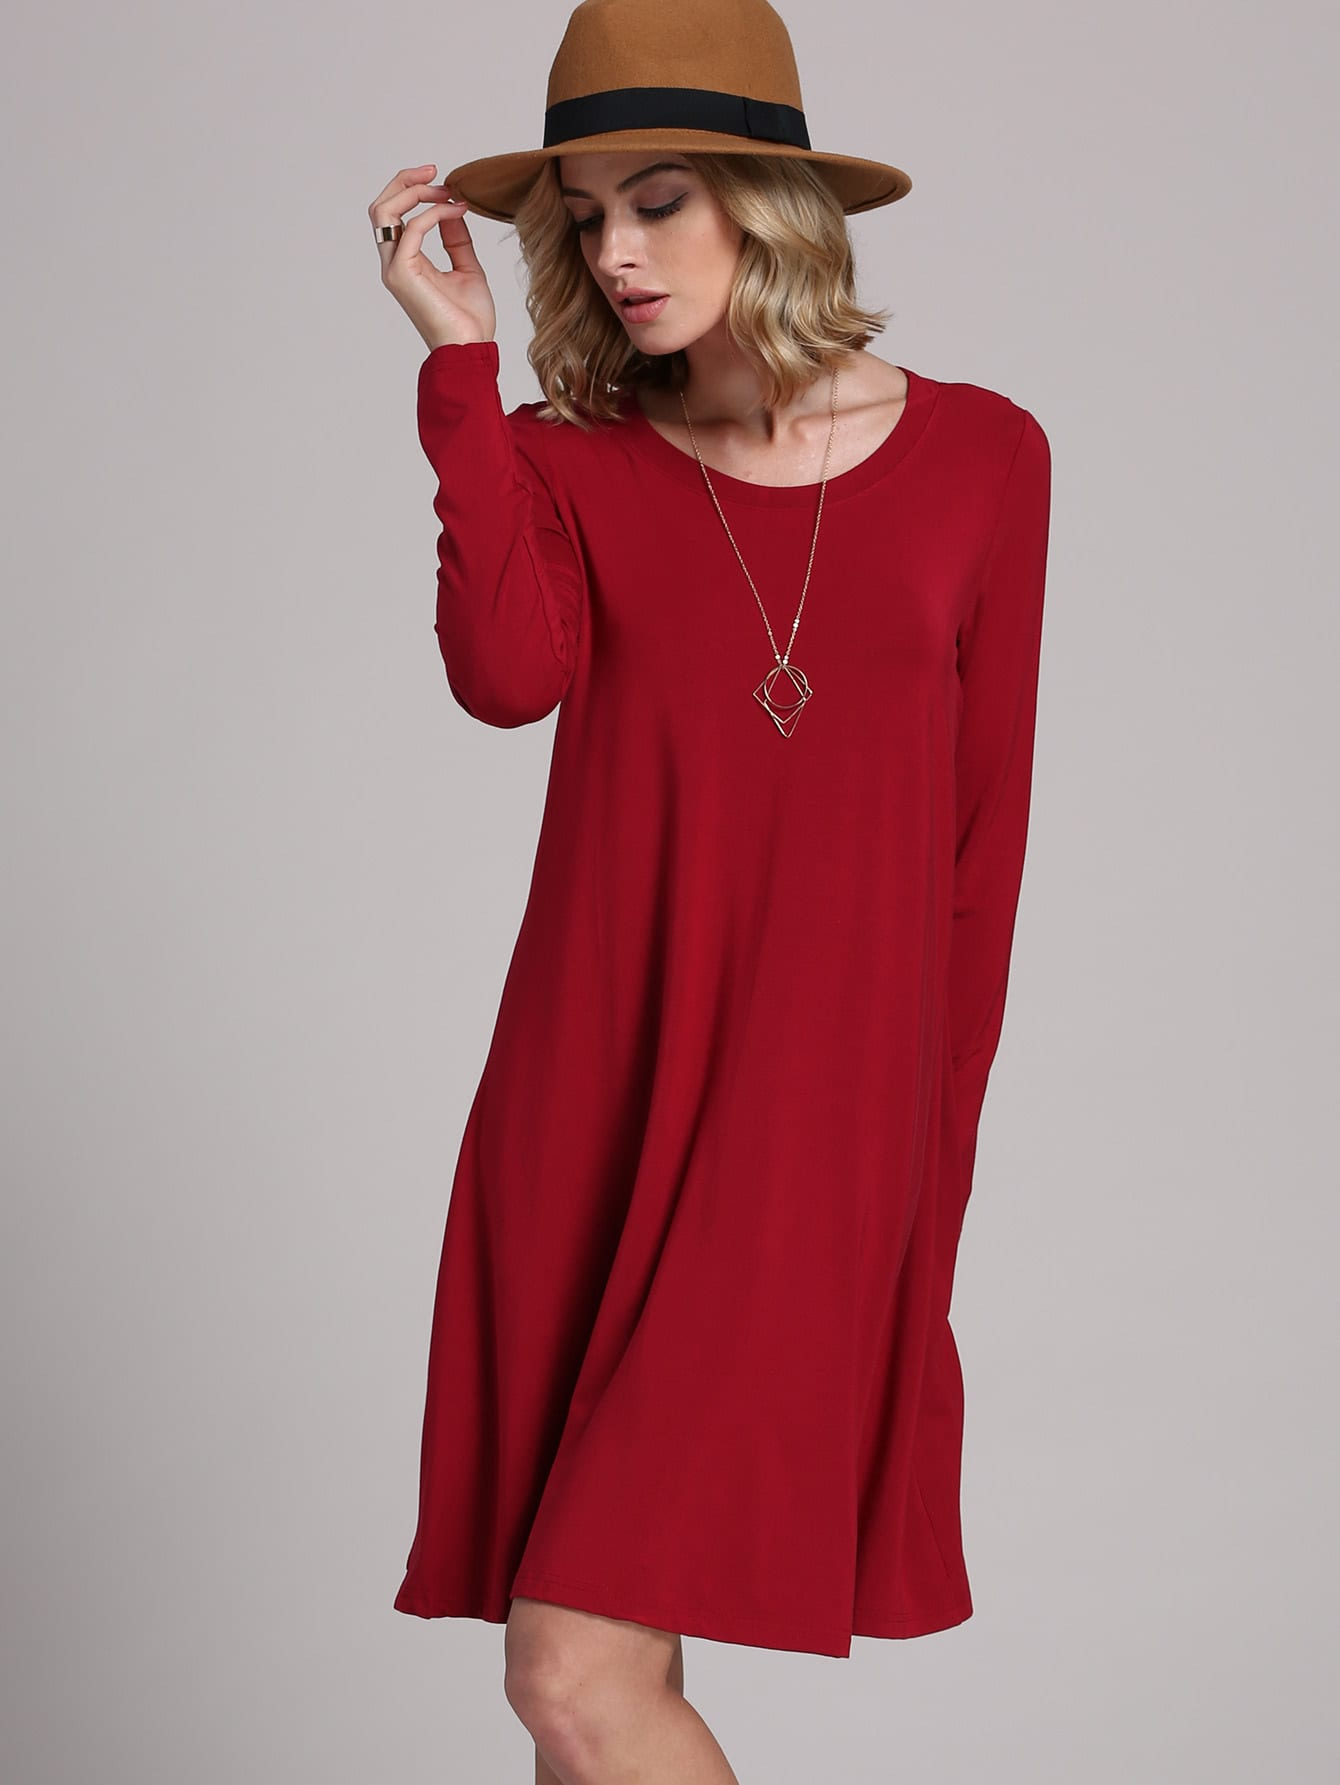 Robe noir avec col rouge